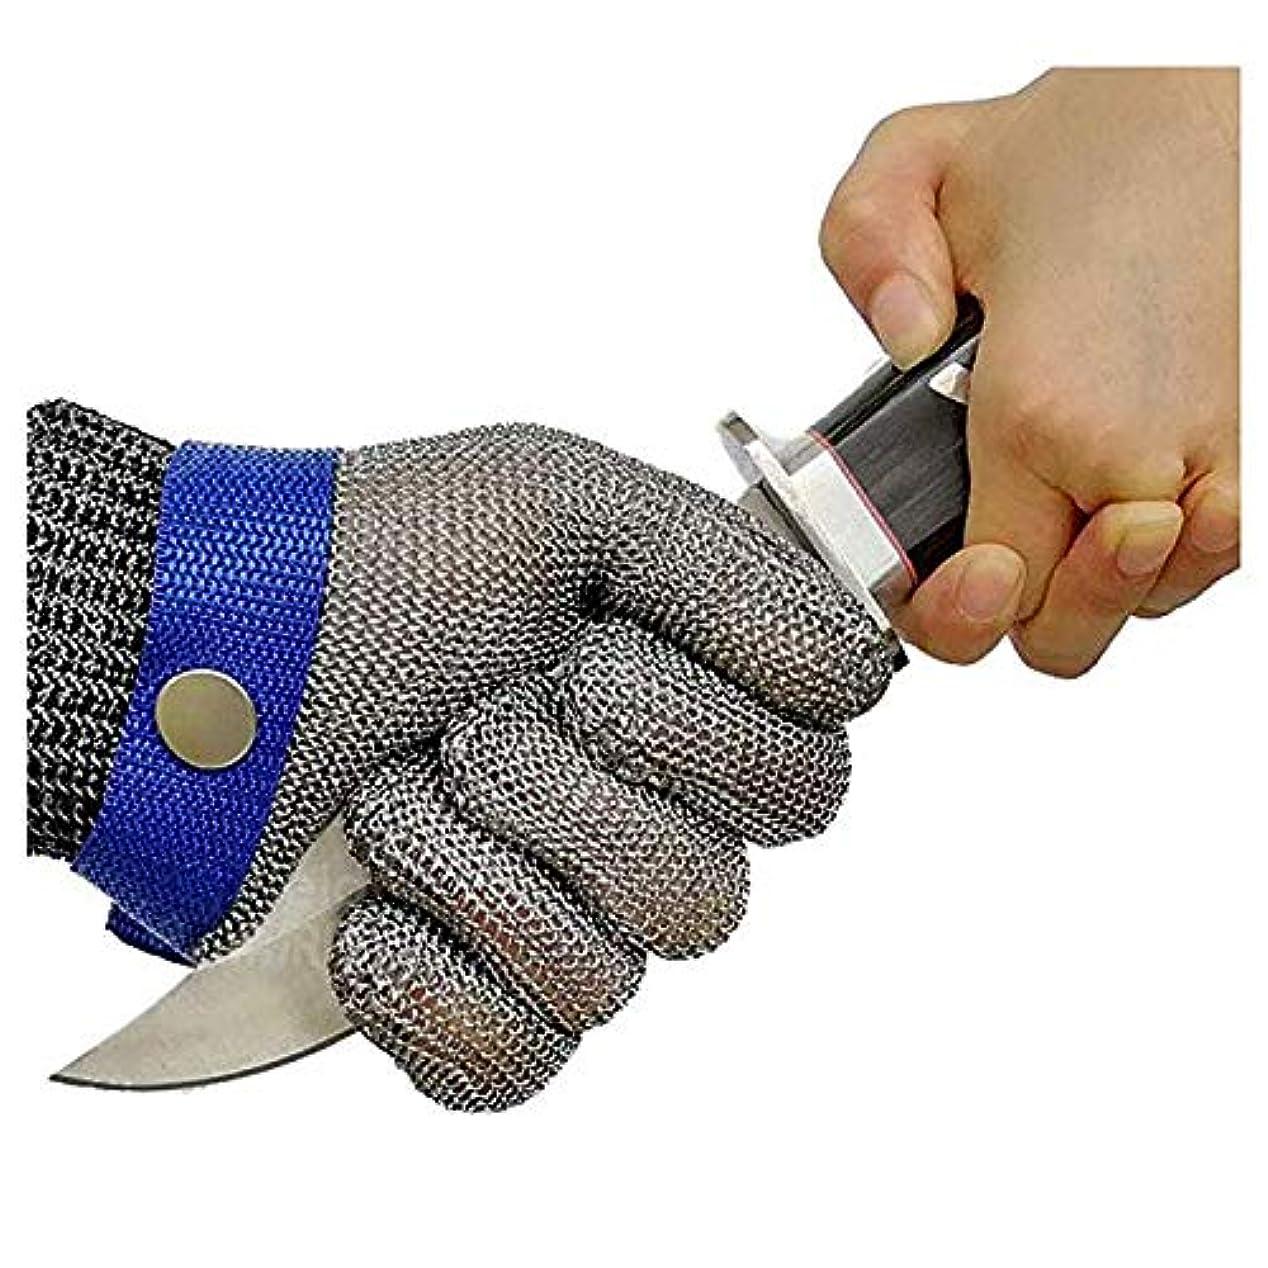 示すそこ初期の食肉加工、釣り用のカット耐性の手袋、ステンレス鋼線メタルメッシュブッチャー安全作業手袋,M